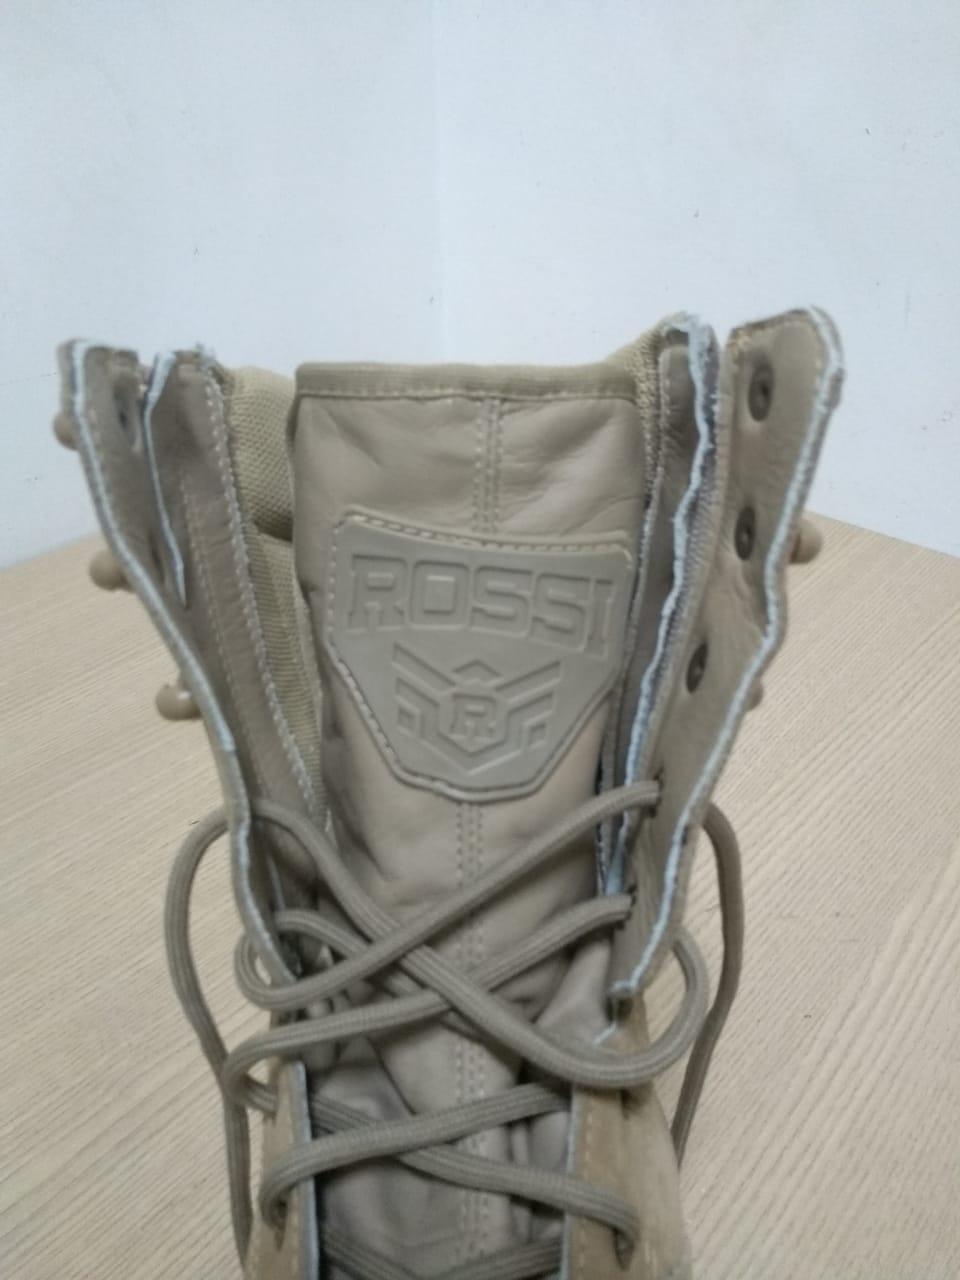 Bota De Couro Masc - Cano Médio - Modelo Sniper Areia - Tam 46 - 021/95704